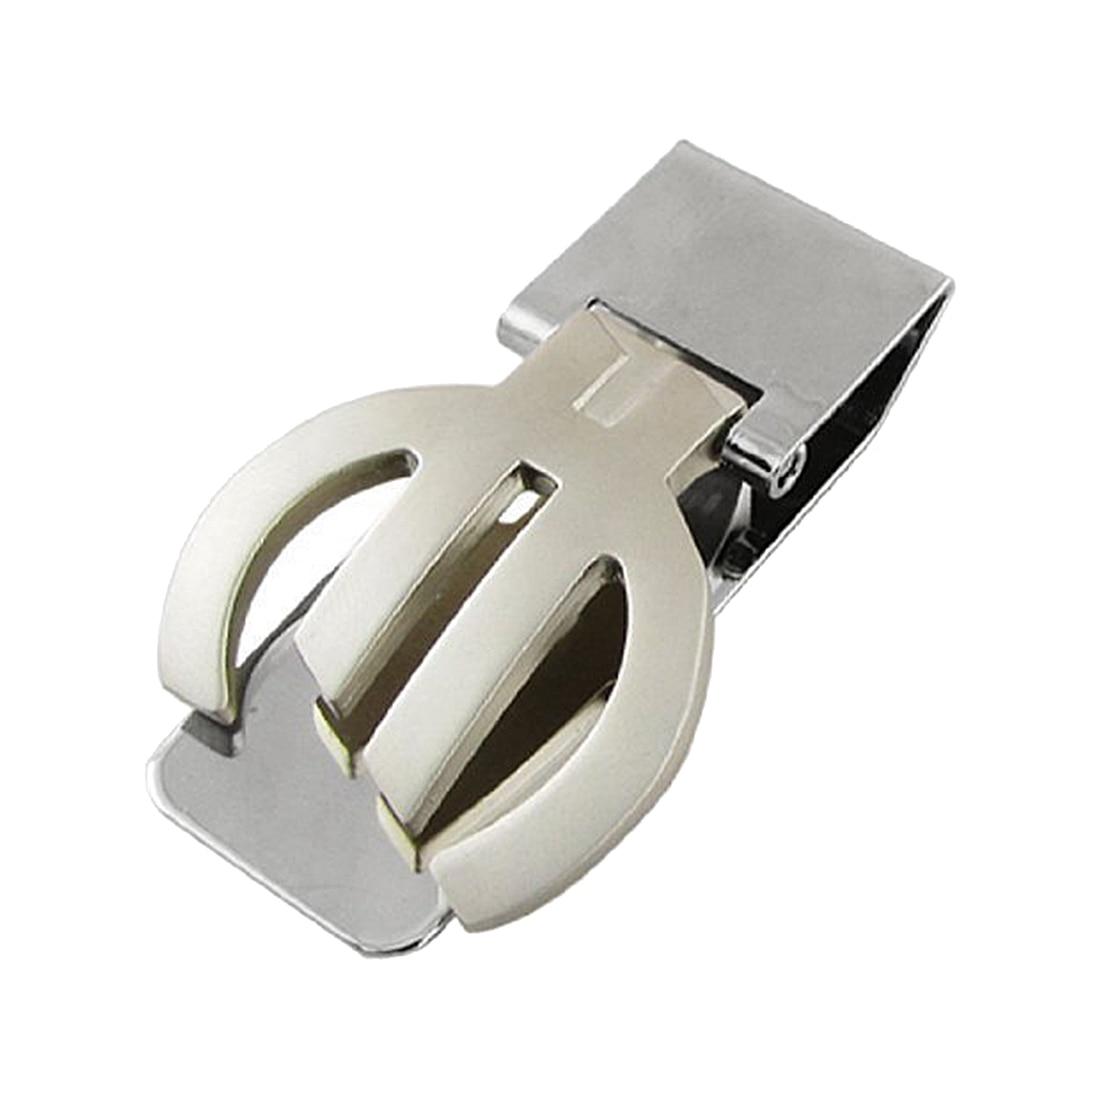 Polished Metal Folding Money Cash Clip Silver Money Clip Money Clip